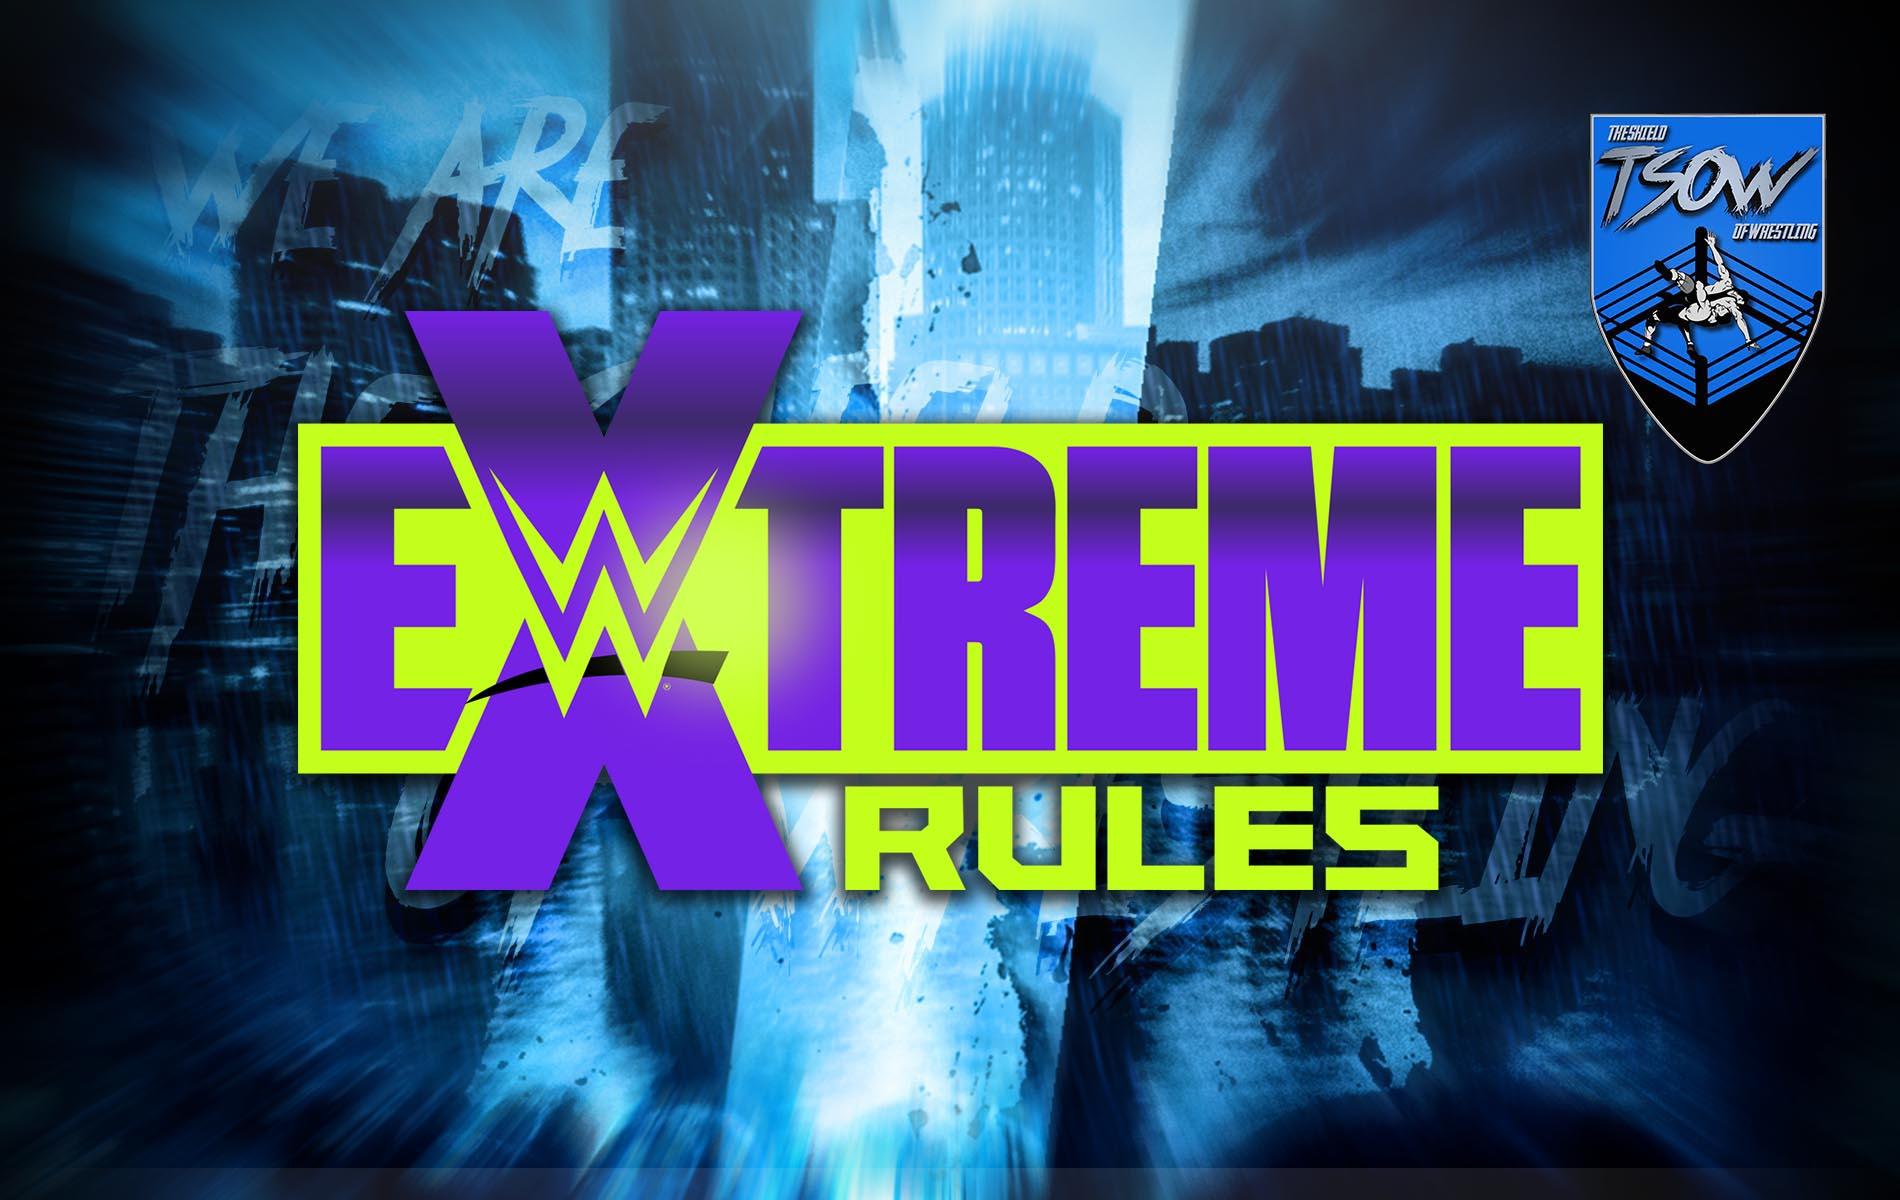 Extreme Rules: dettagli sul match cinematografico